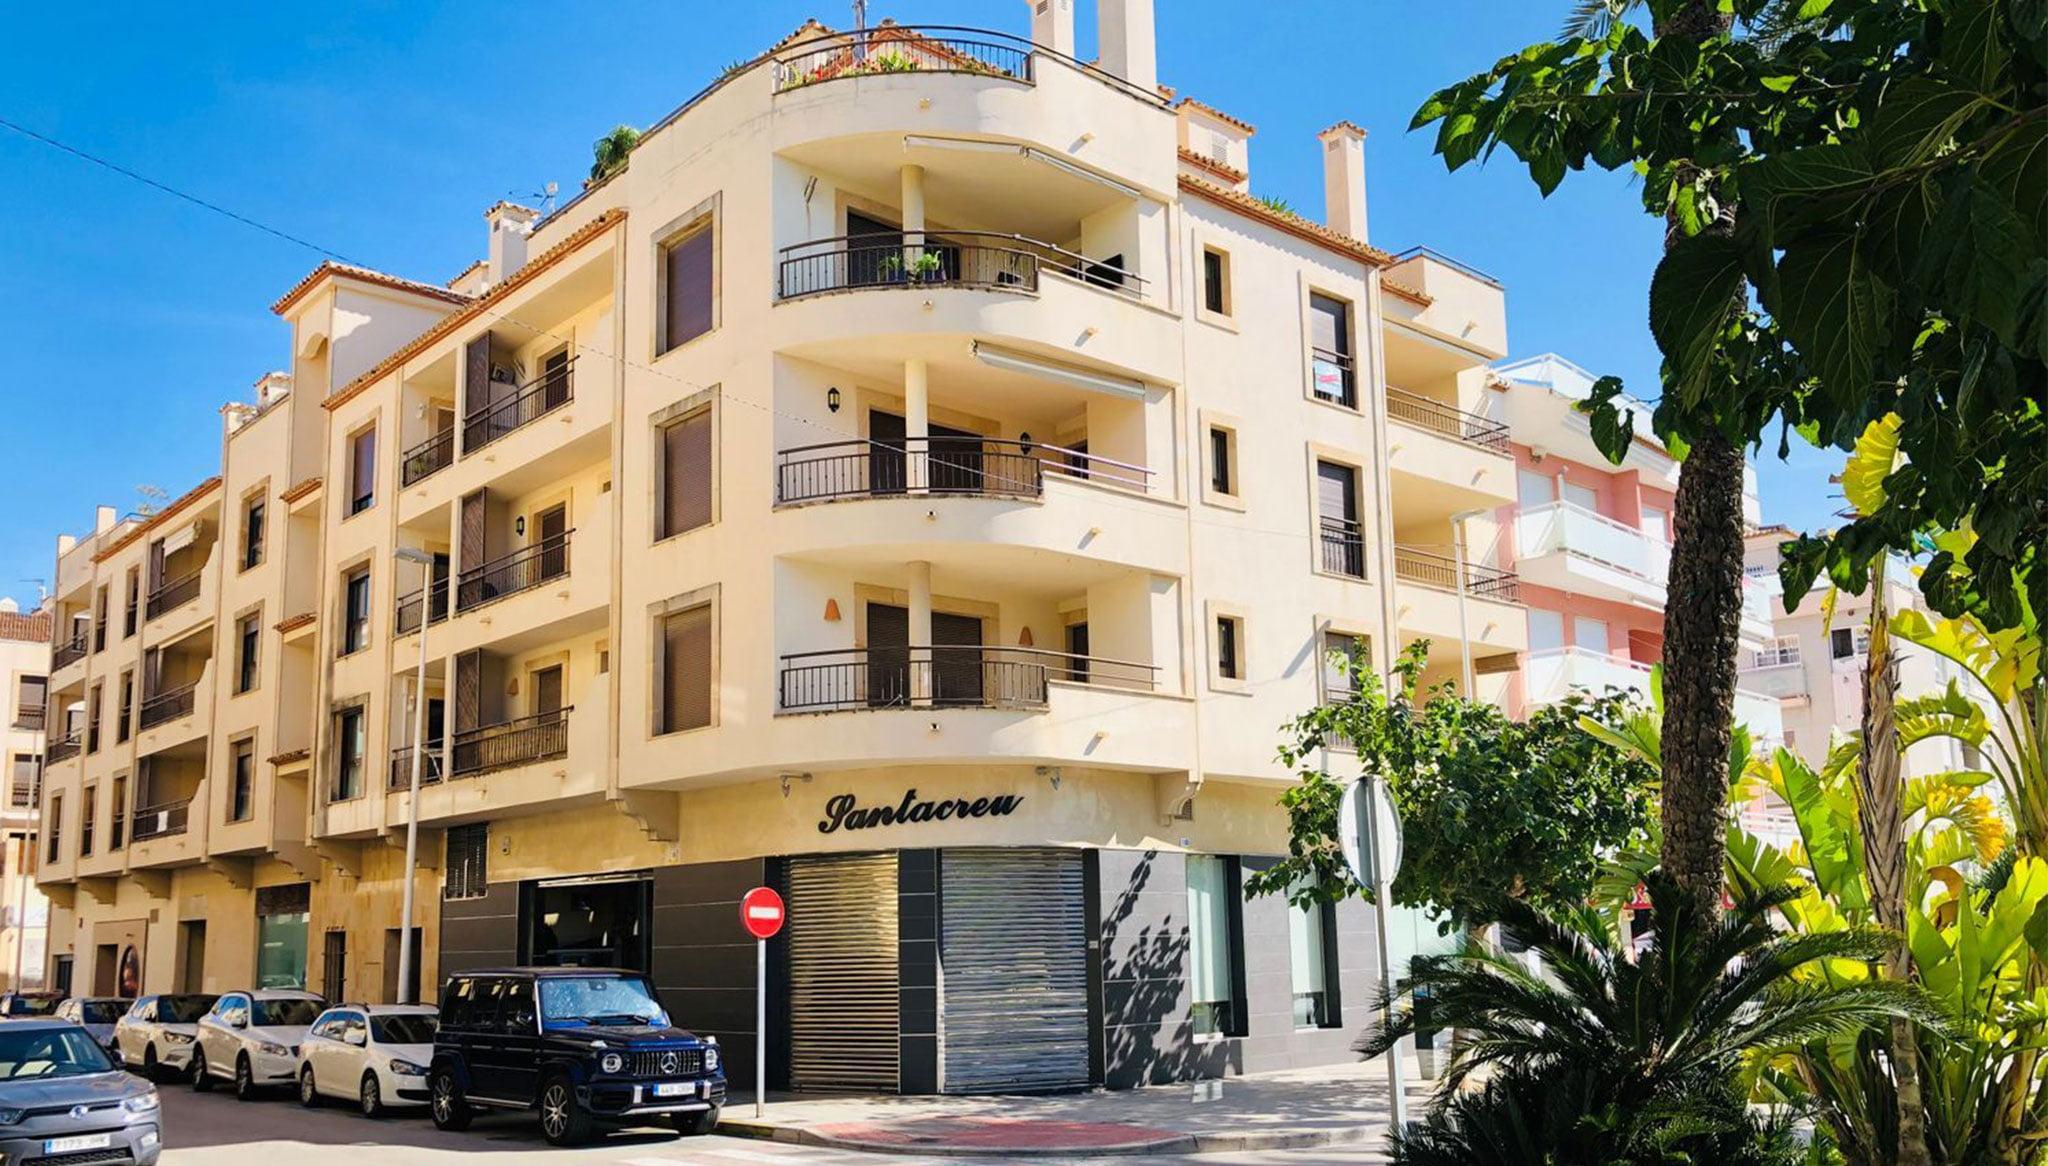 Fachada de un piso en venta en el centro de Moraira – Mare Nostrum Inmobiliaria